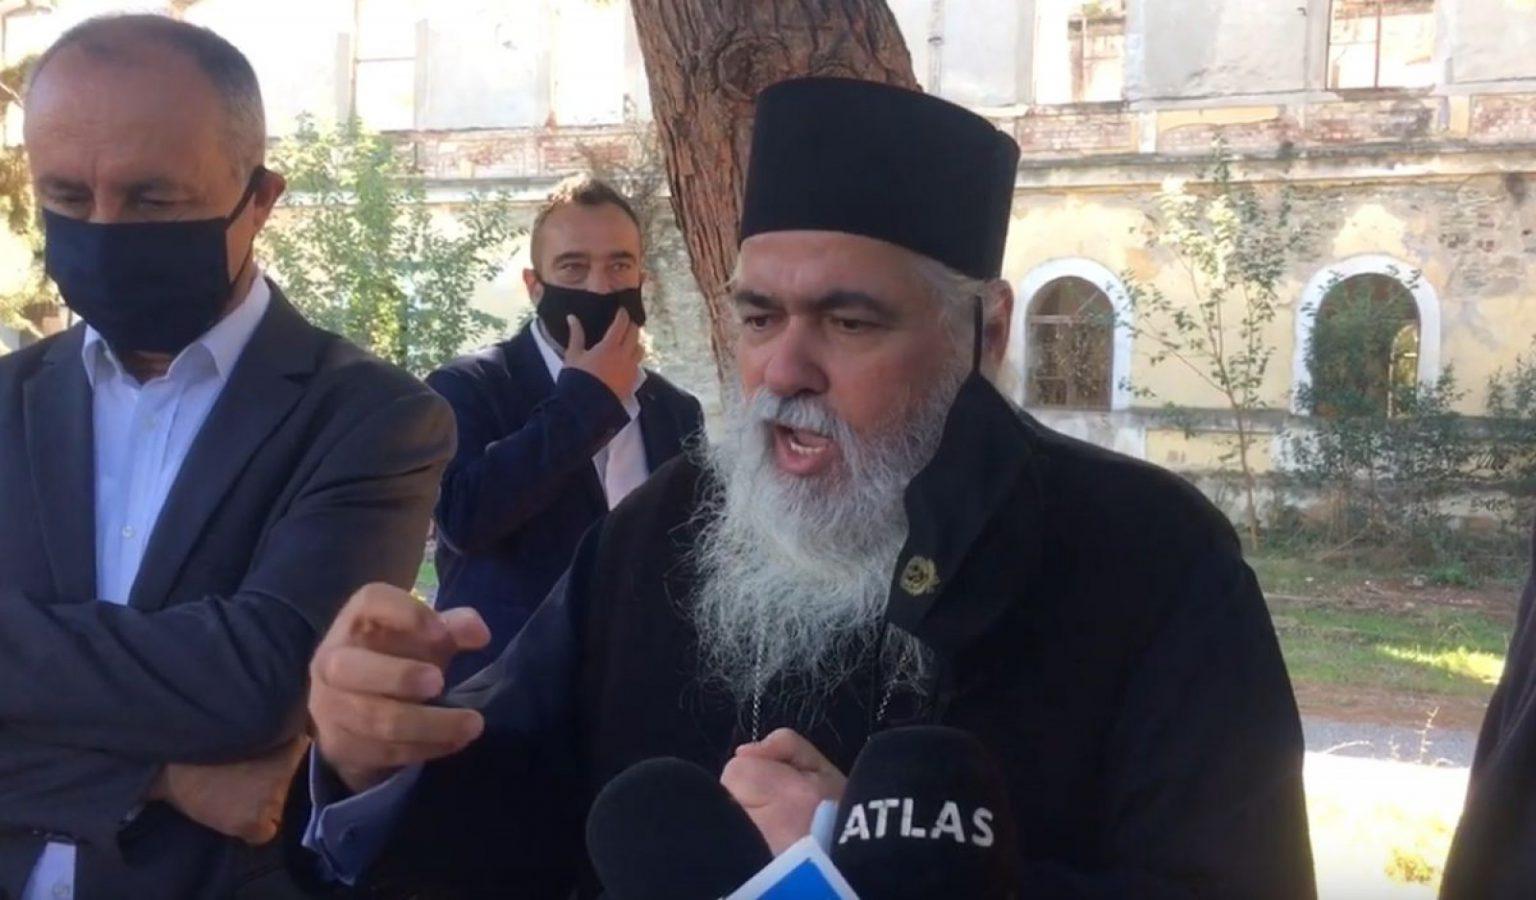 You are currently viewing Αγανάκτησε ο Σεβ. Νεαπόλεως Βαρνάβας: Να επεκταθεί το Μετρό και στην Δυτική Θεσσαλονίκη